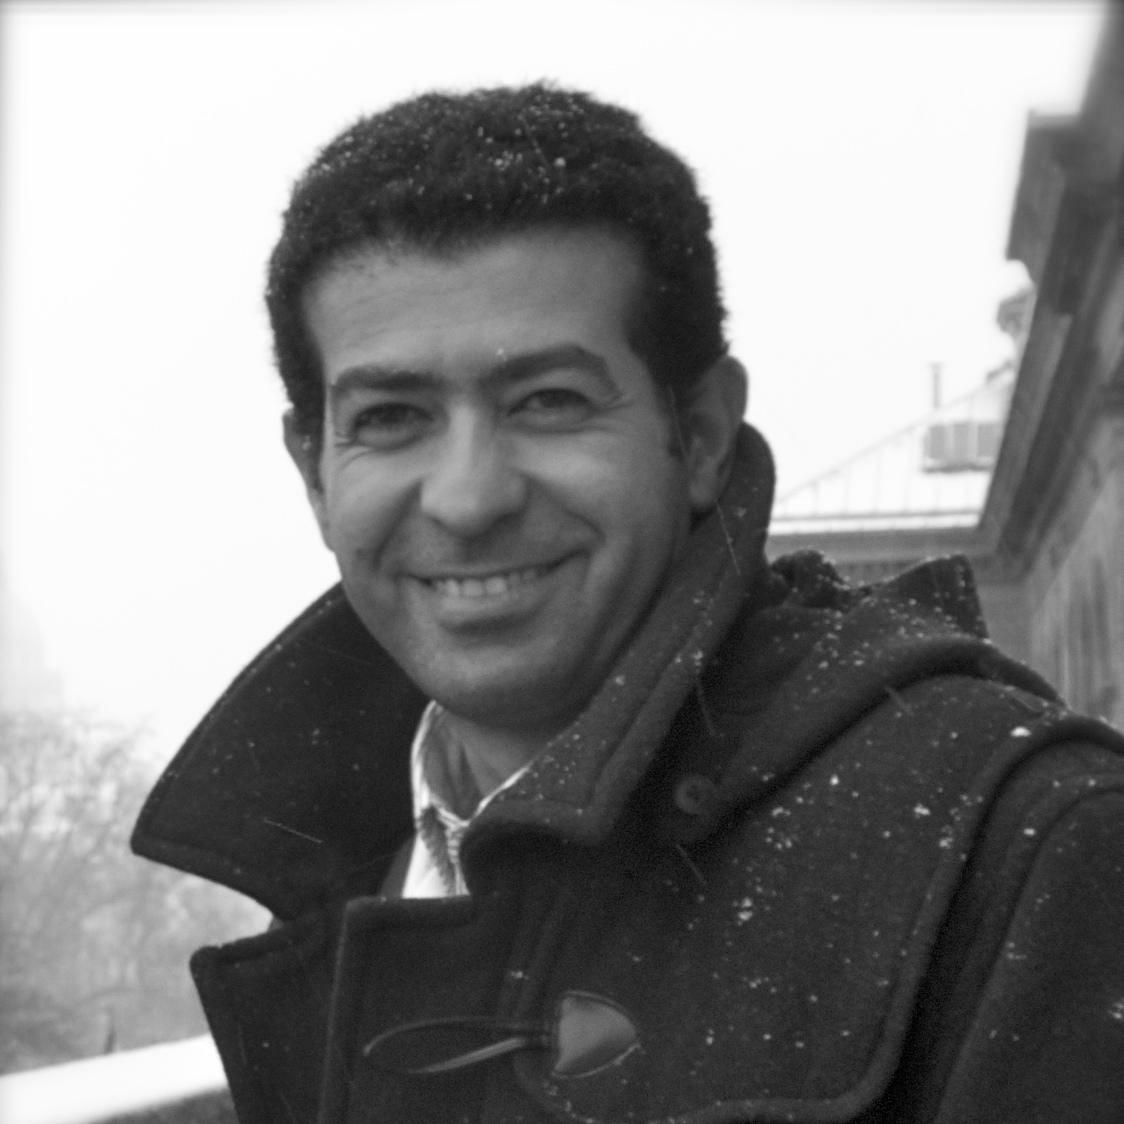 Karim farid